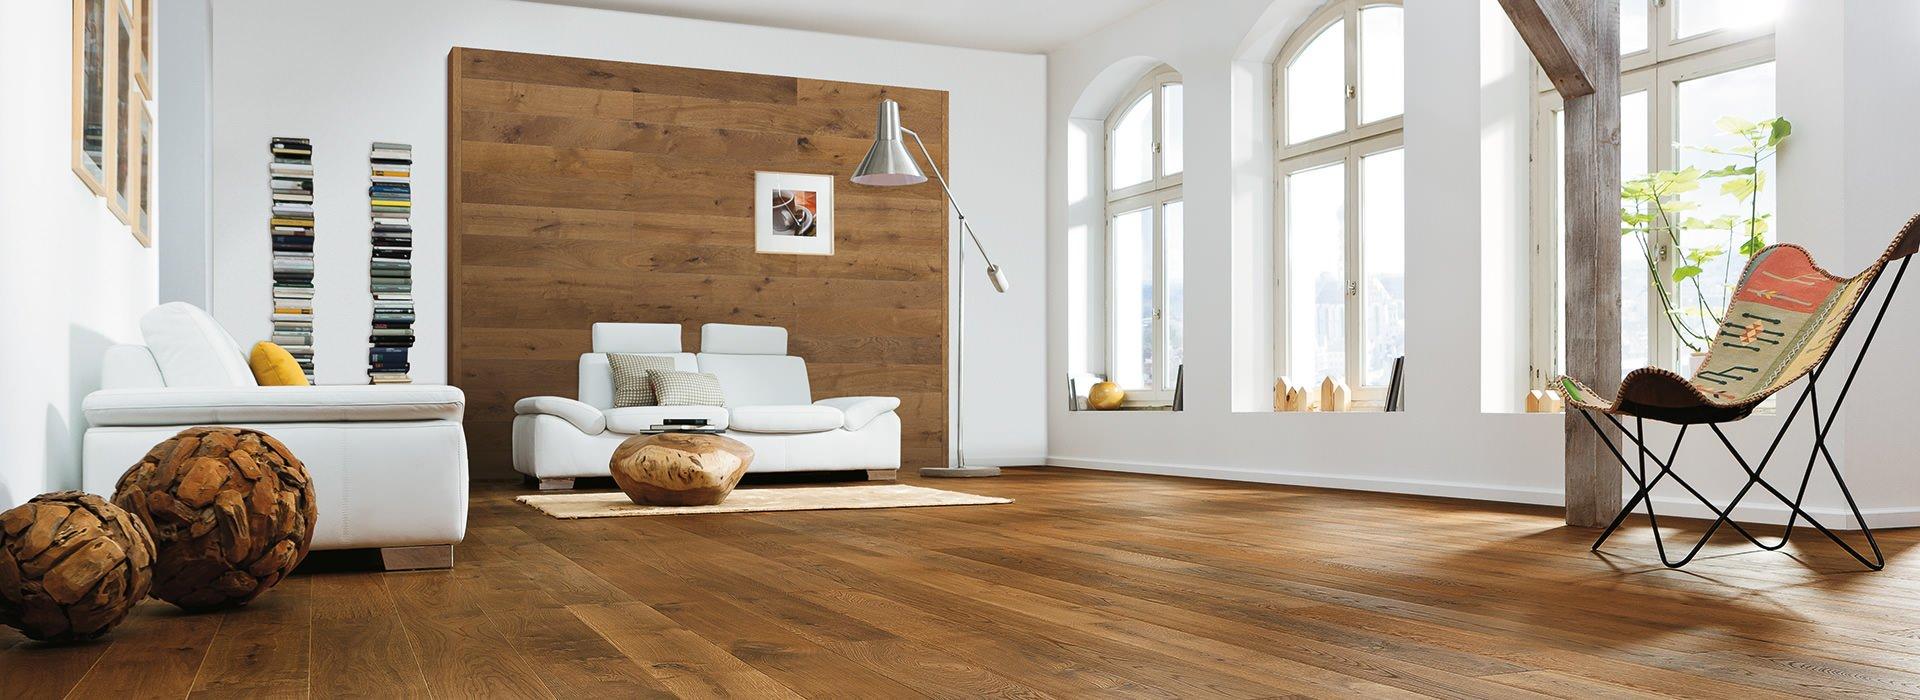 Holz design wand von haro sch nreiter baustoffe - Laminat an die wand kleben ...